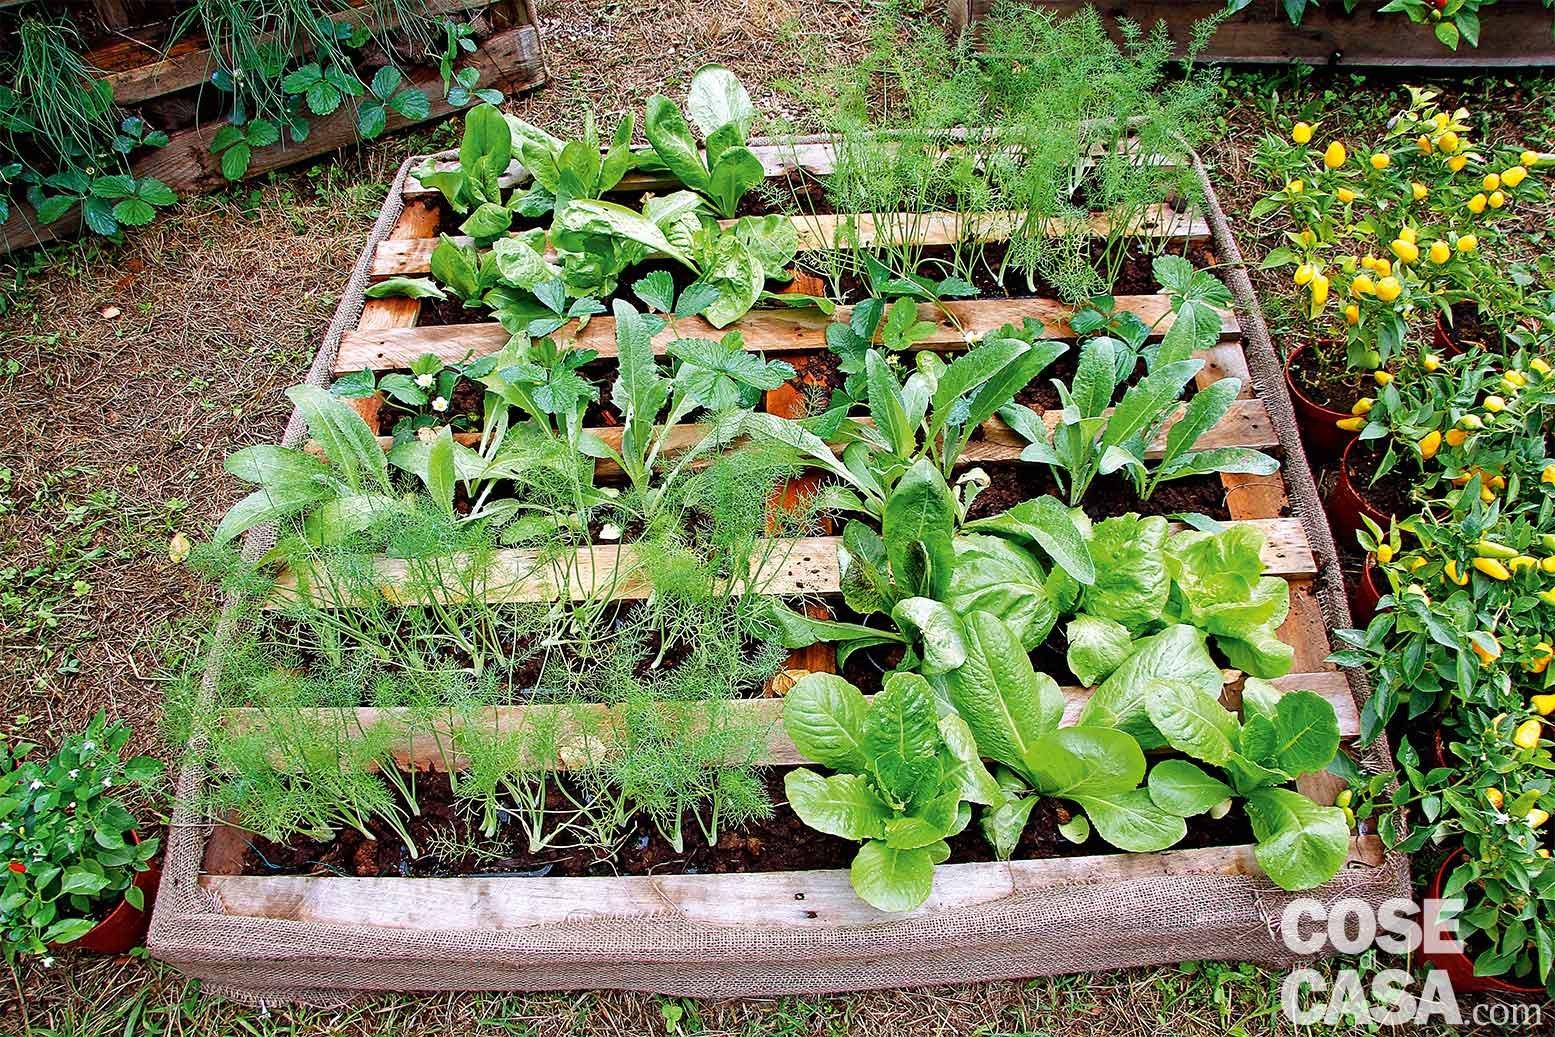 Estremamente Idee da copiare per valorizzare il giardino - Cose di Casa CU81